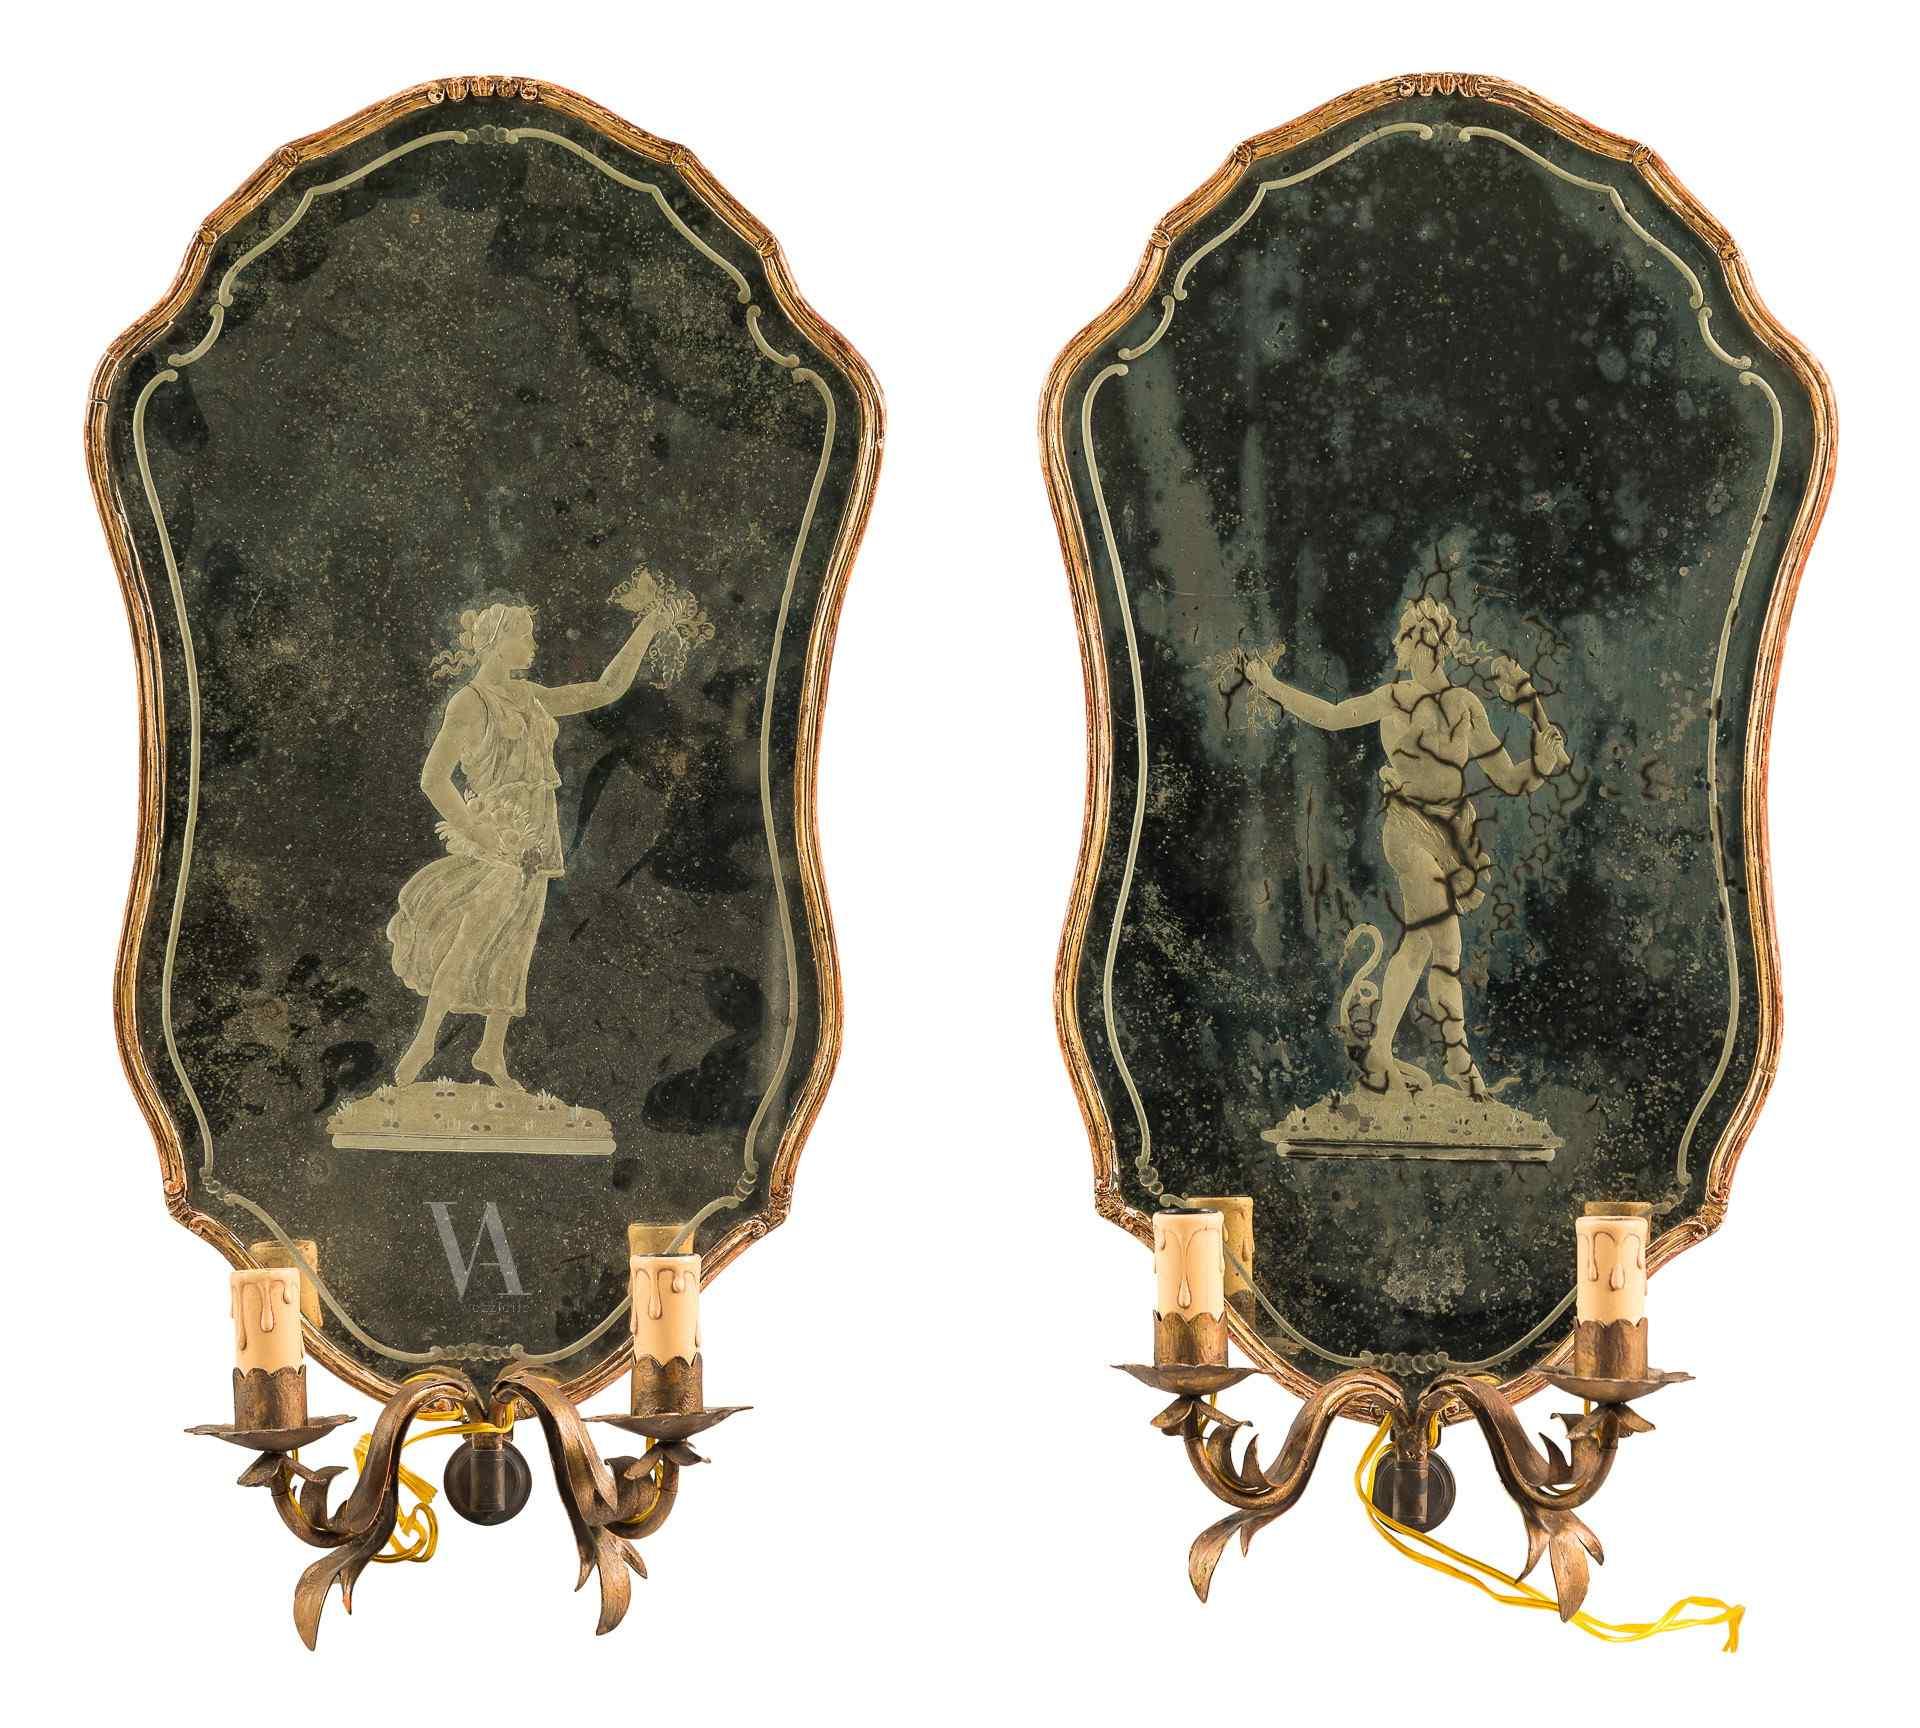 Paire de miroirs à verres gravés. Venise, 18ème siècle